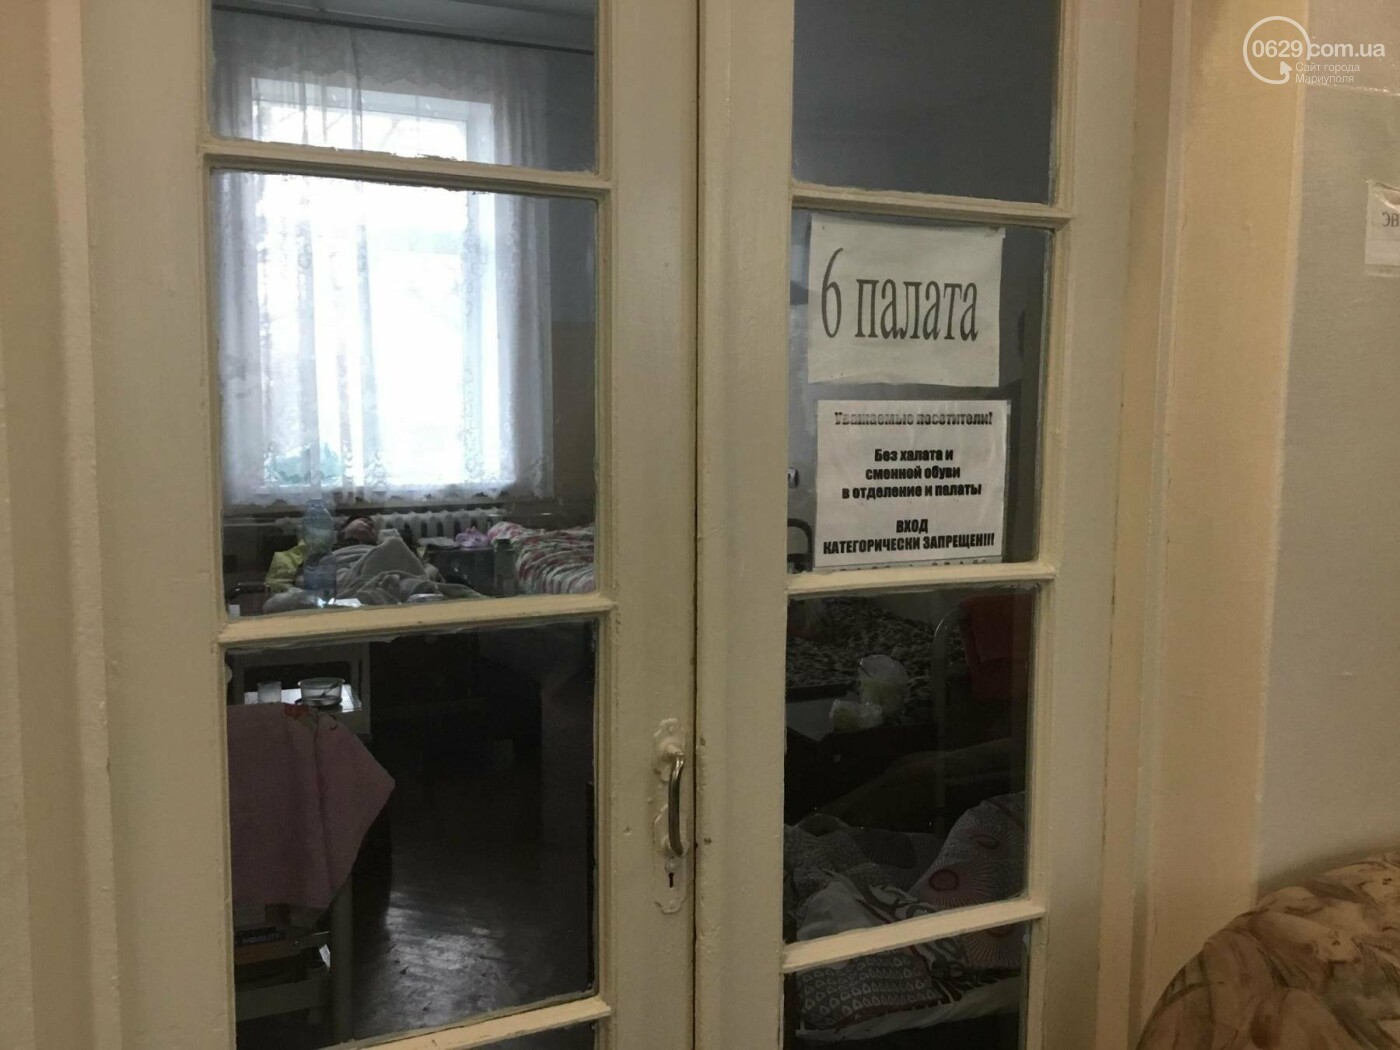 В Мариуполе из-за ремонта детской больницы расселяют гинекологическое отделение (ФОТОРЕПОРТАЖ+ВИДЕО), фото-1